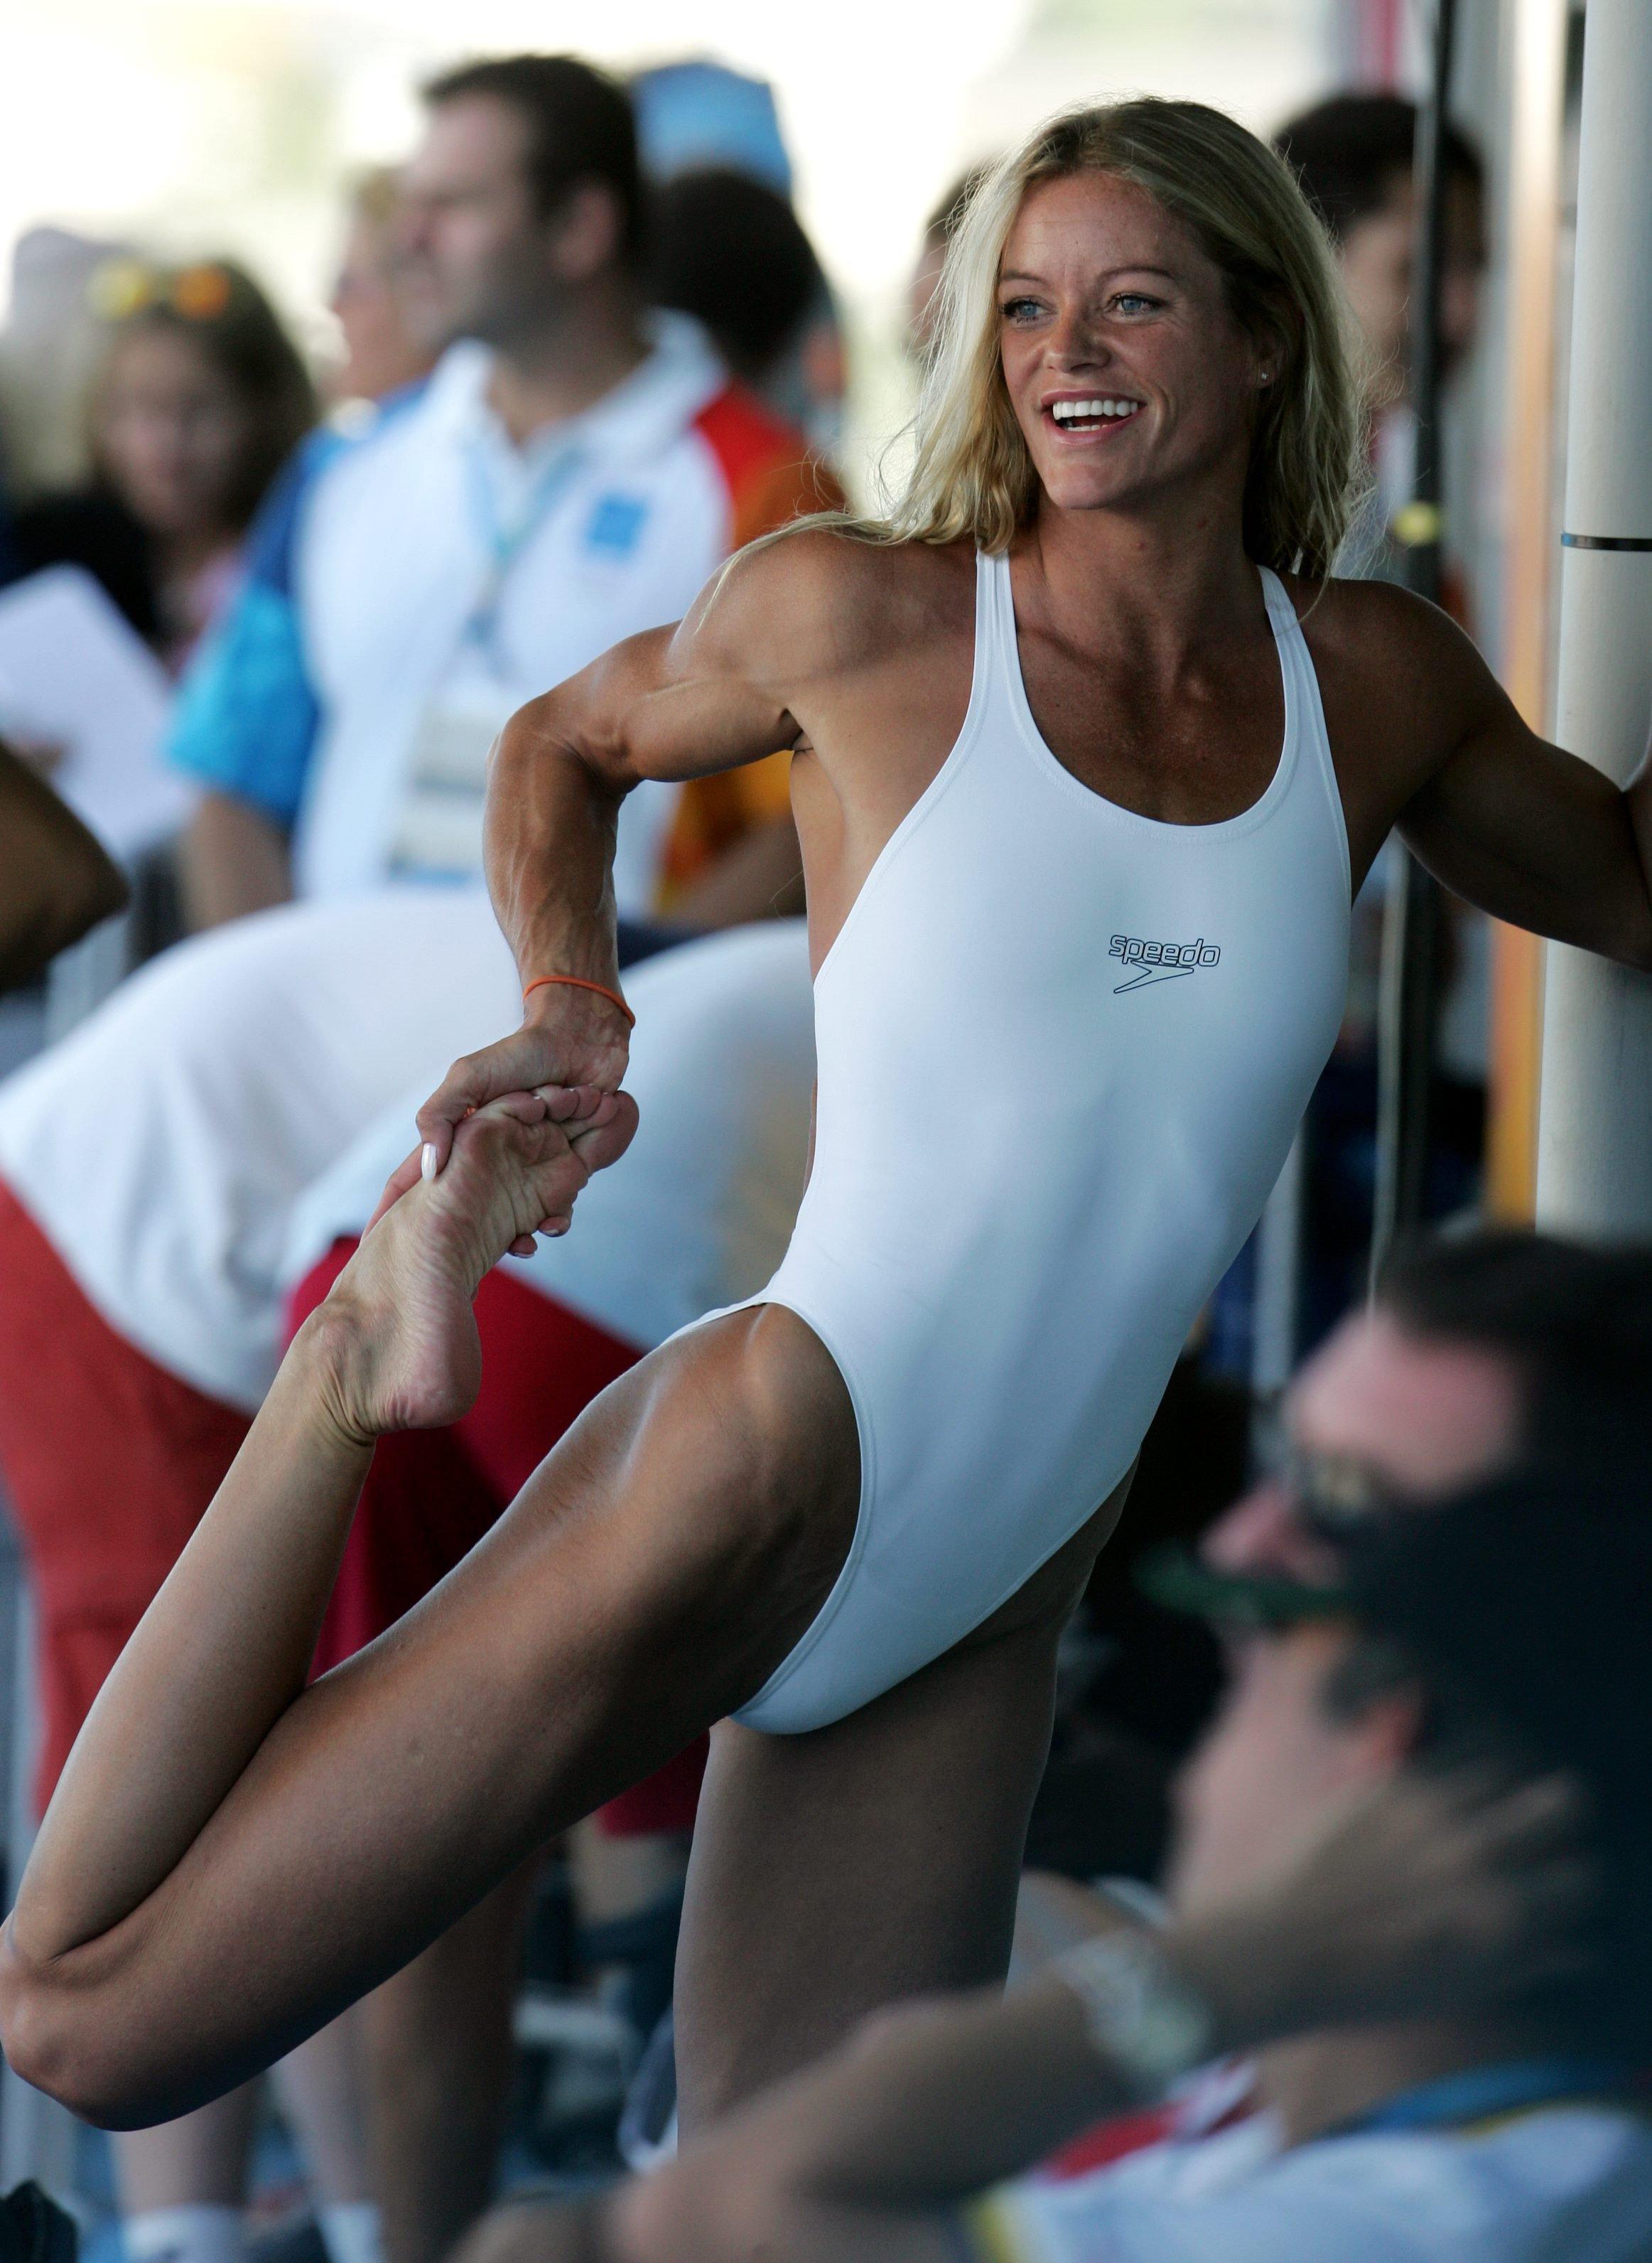 Pictures Inge de Bruijn nude (73 photo), Topless, Leaked, Boobs, cleavage 2020